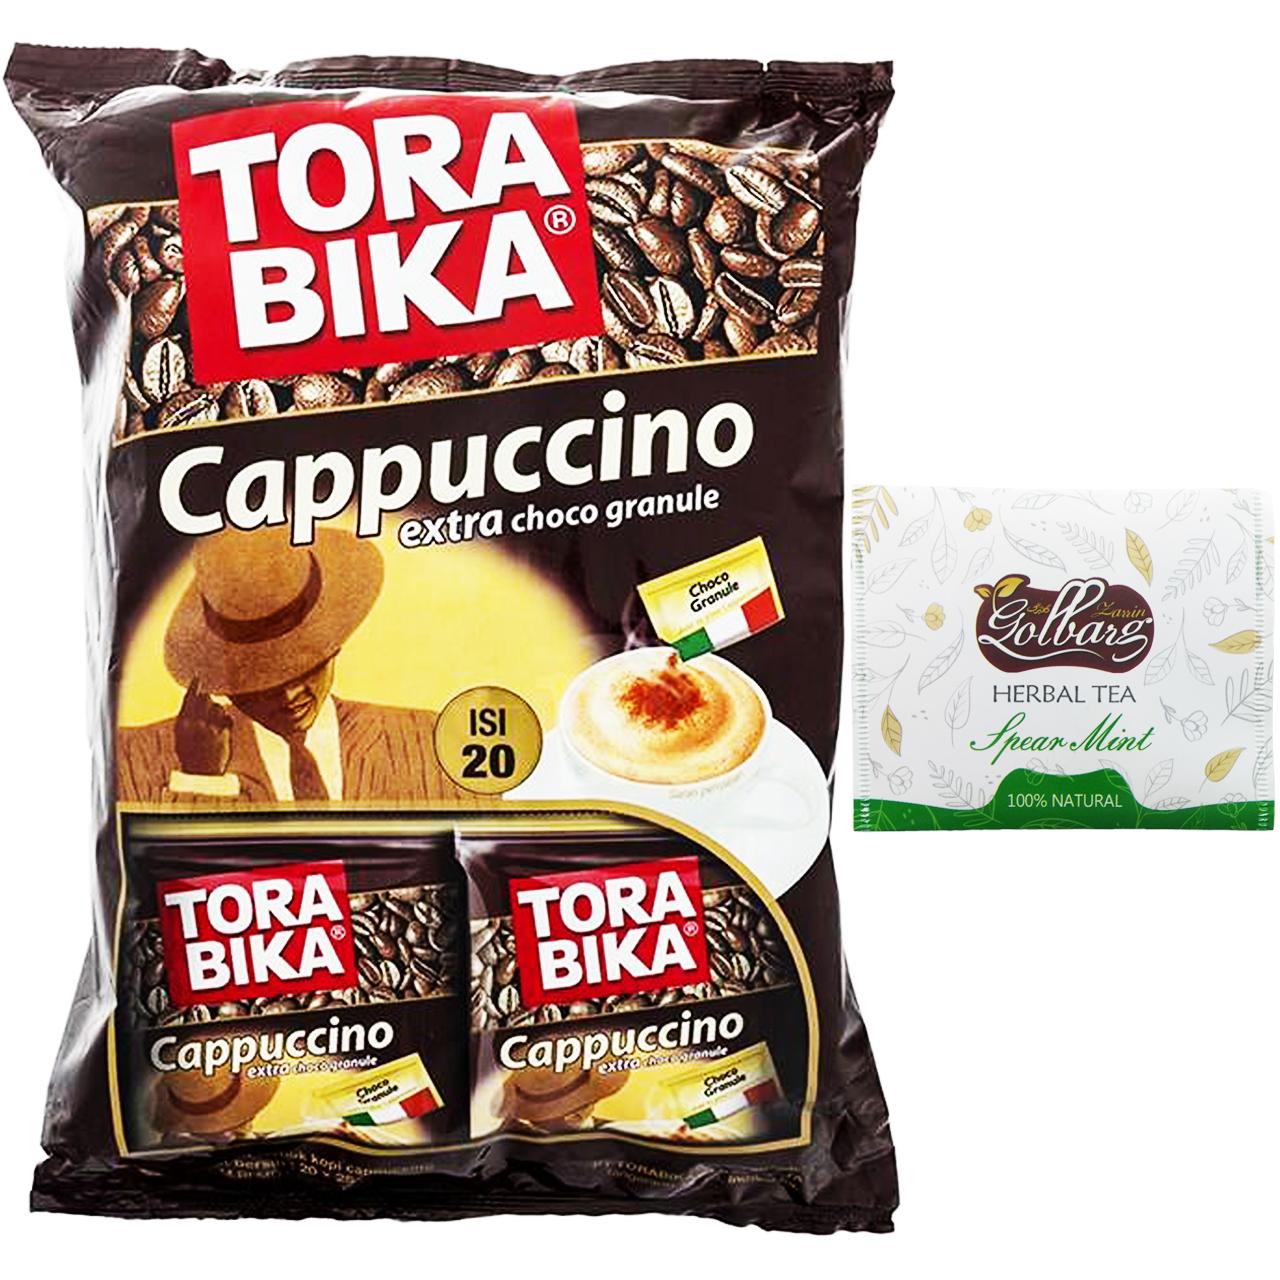 کاپوچینو ترابیکا مدل Cappuccino بسته 20 عددی همراه با دمنوش کیسه ای نعنا گلبرگ زرین